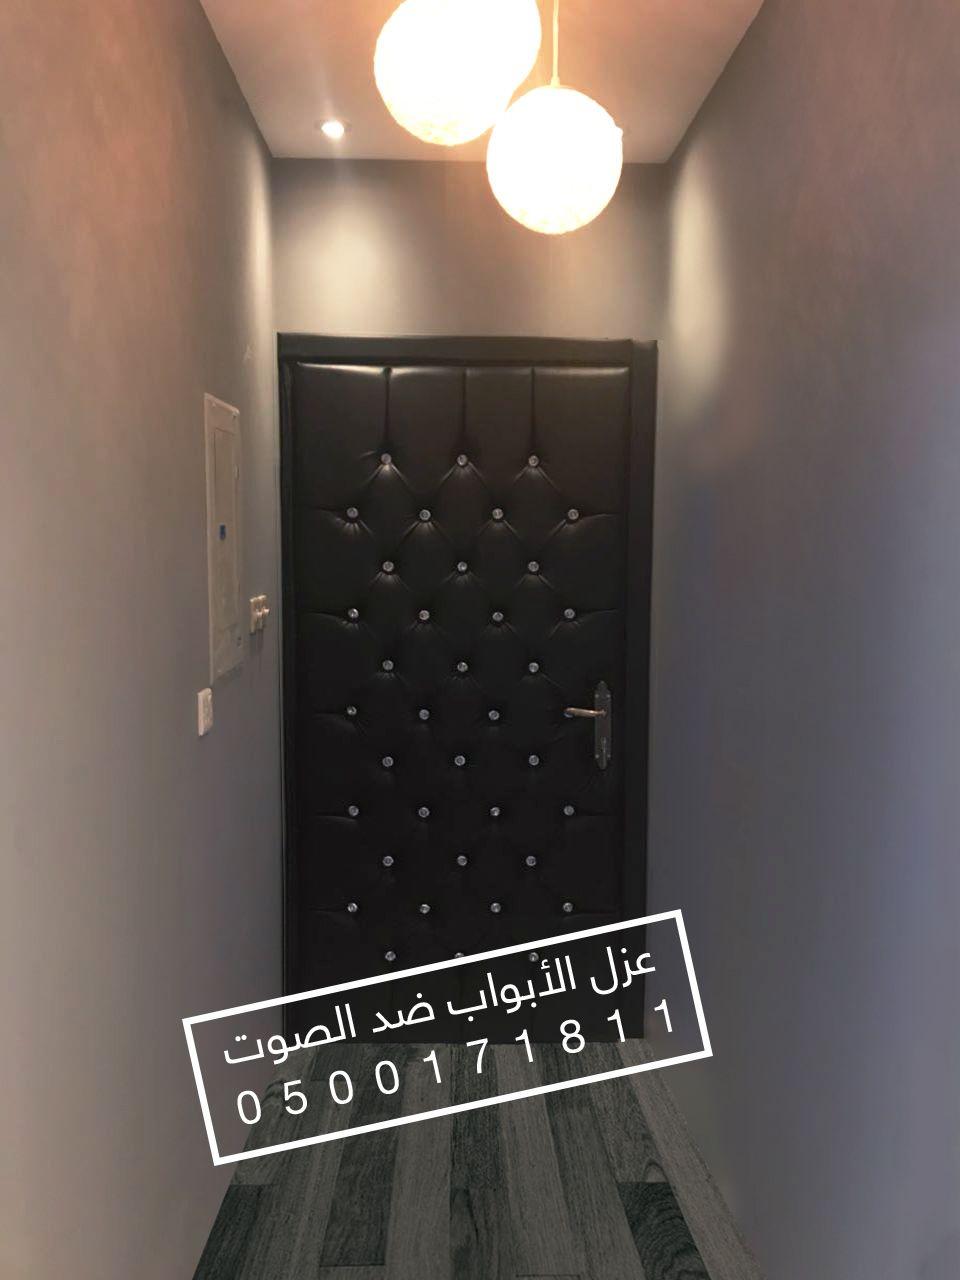 محل محلات عزل عازل عواز صوت صوتي صوتية باب ابواب الرياض Light Box Light